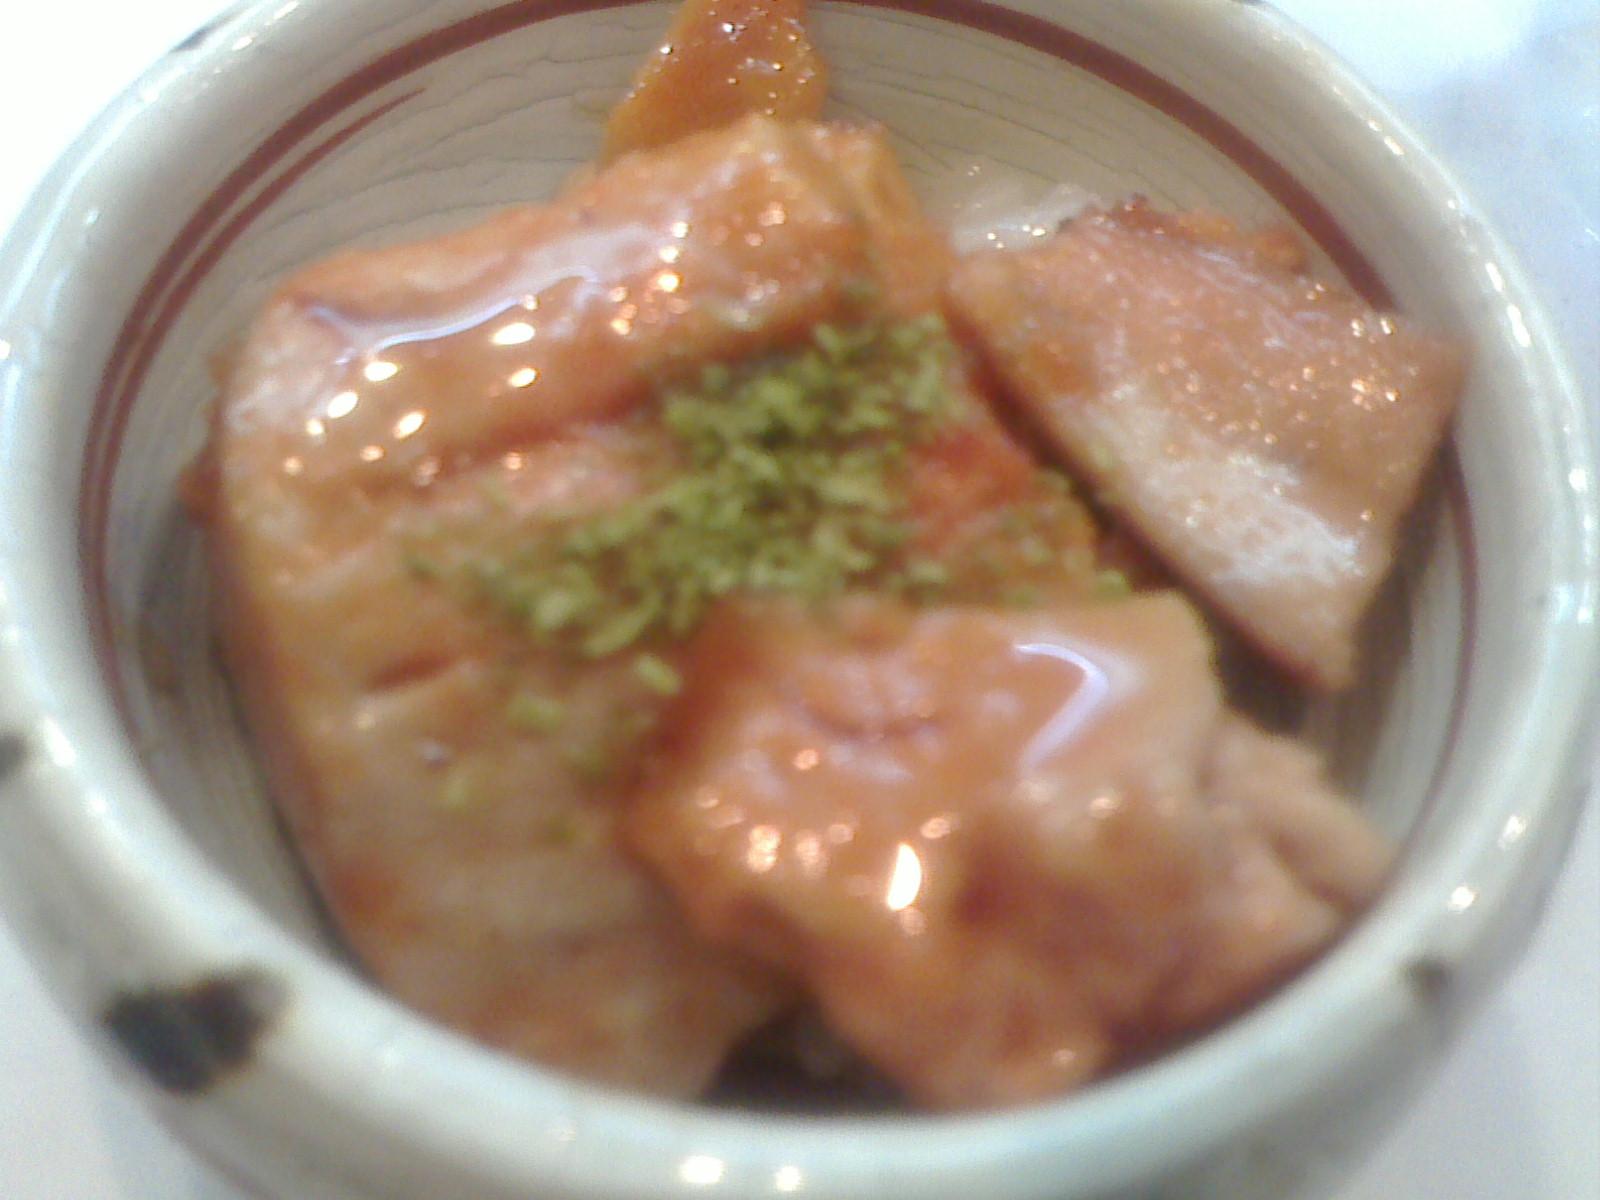 千葉でとても美味しいお寿司をお腹いっぱいいただきました。_c0225997_11211677.jpg